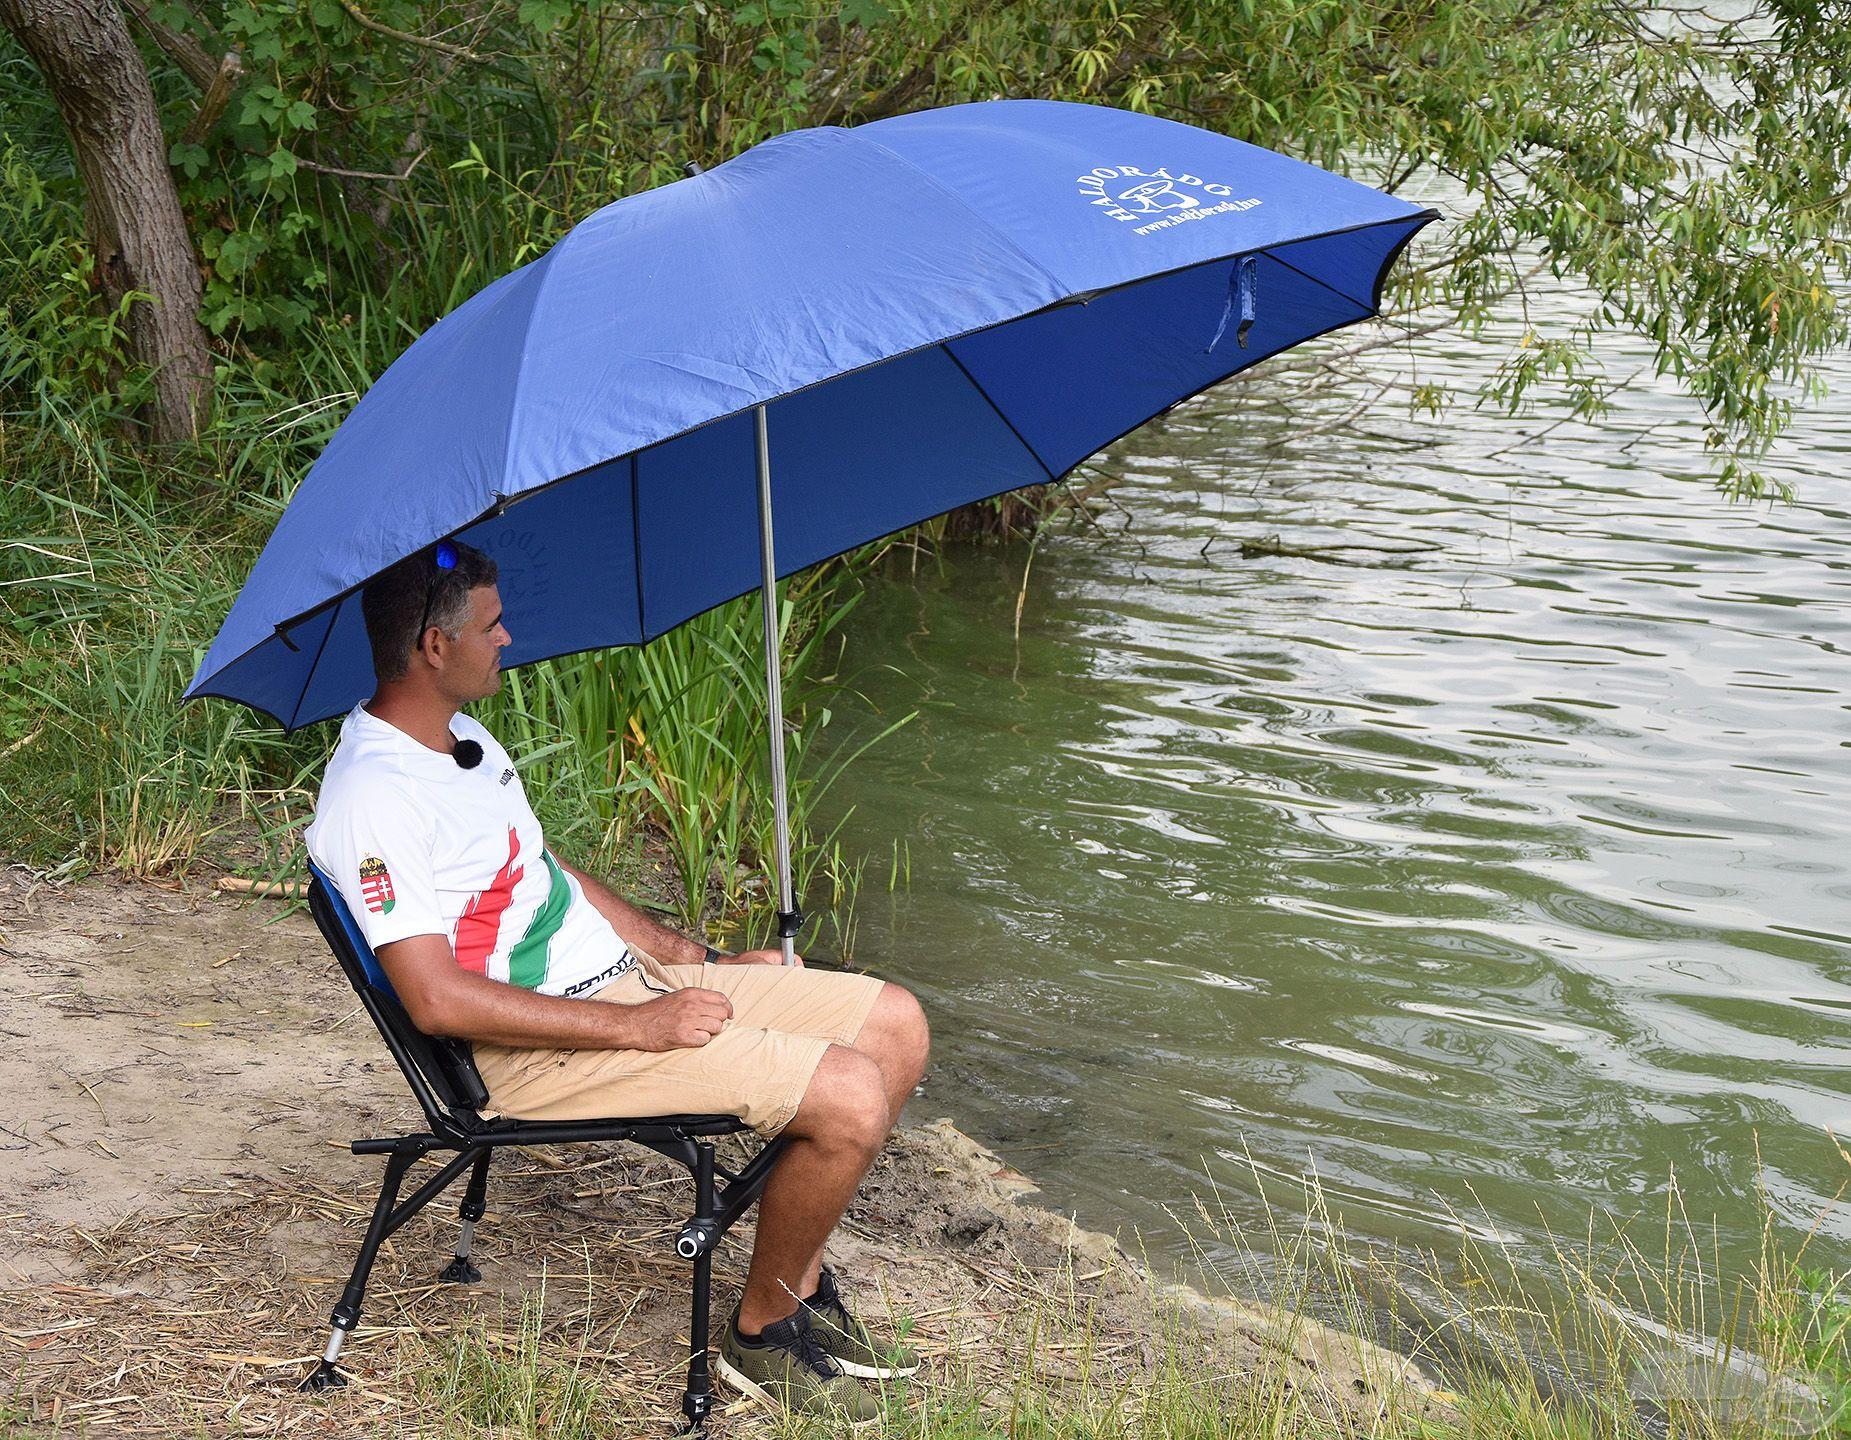 Stabil tartást biztosít a napernyőnek